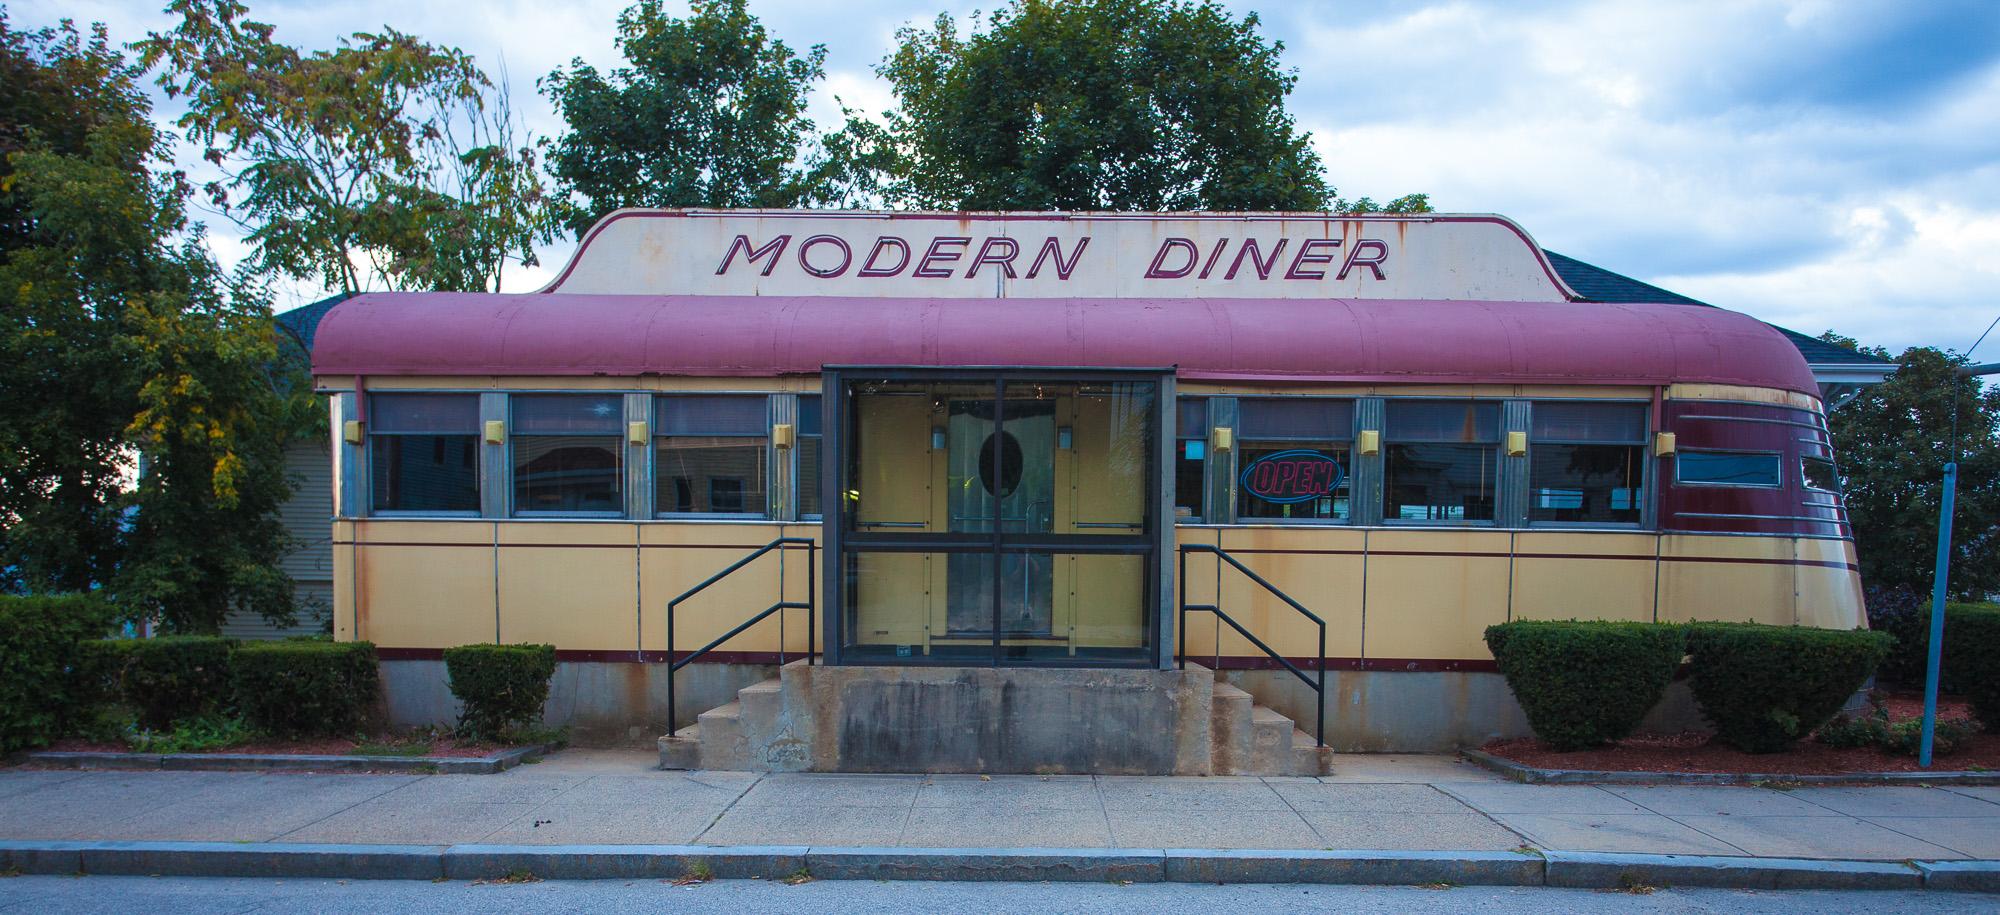 Modern Diner, Pawtucket RI